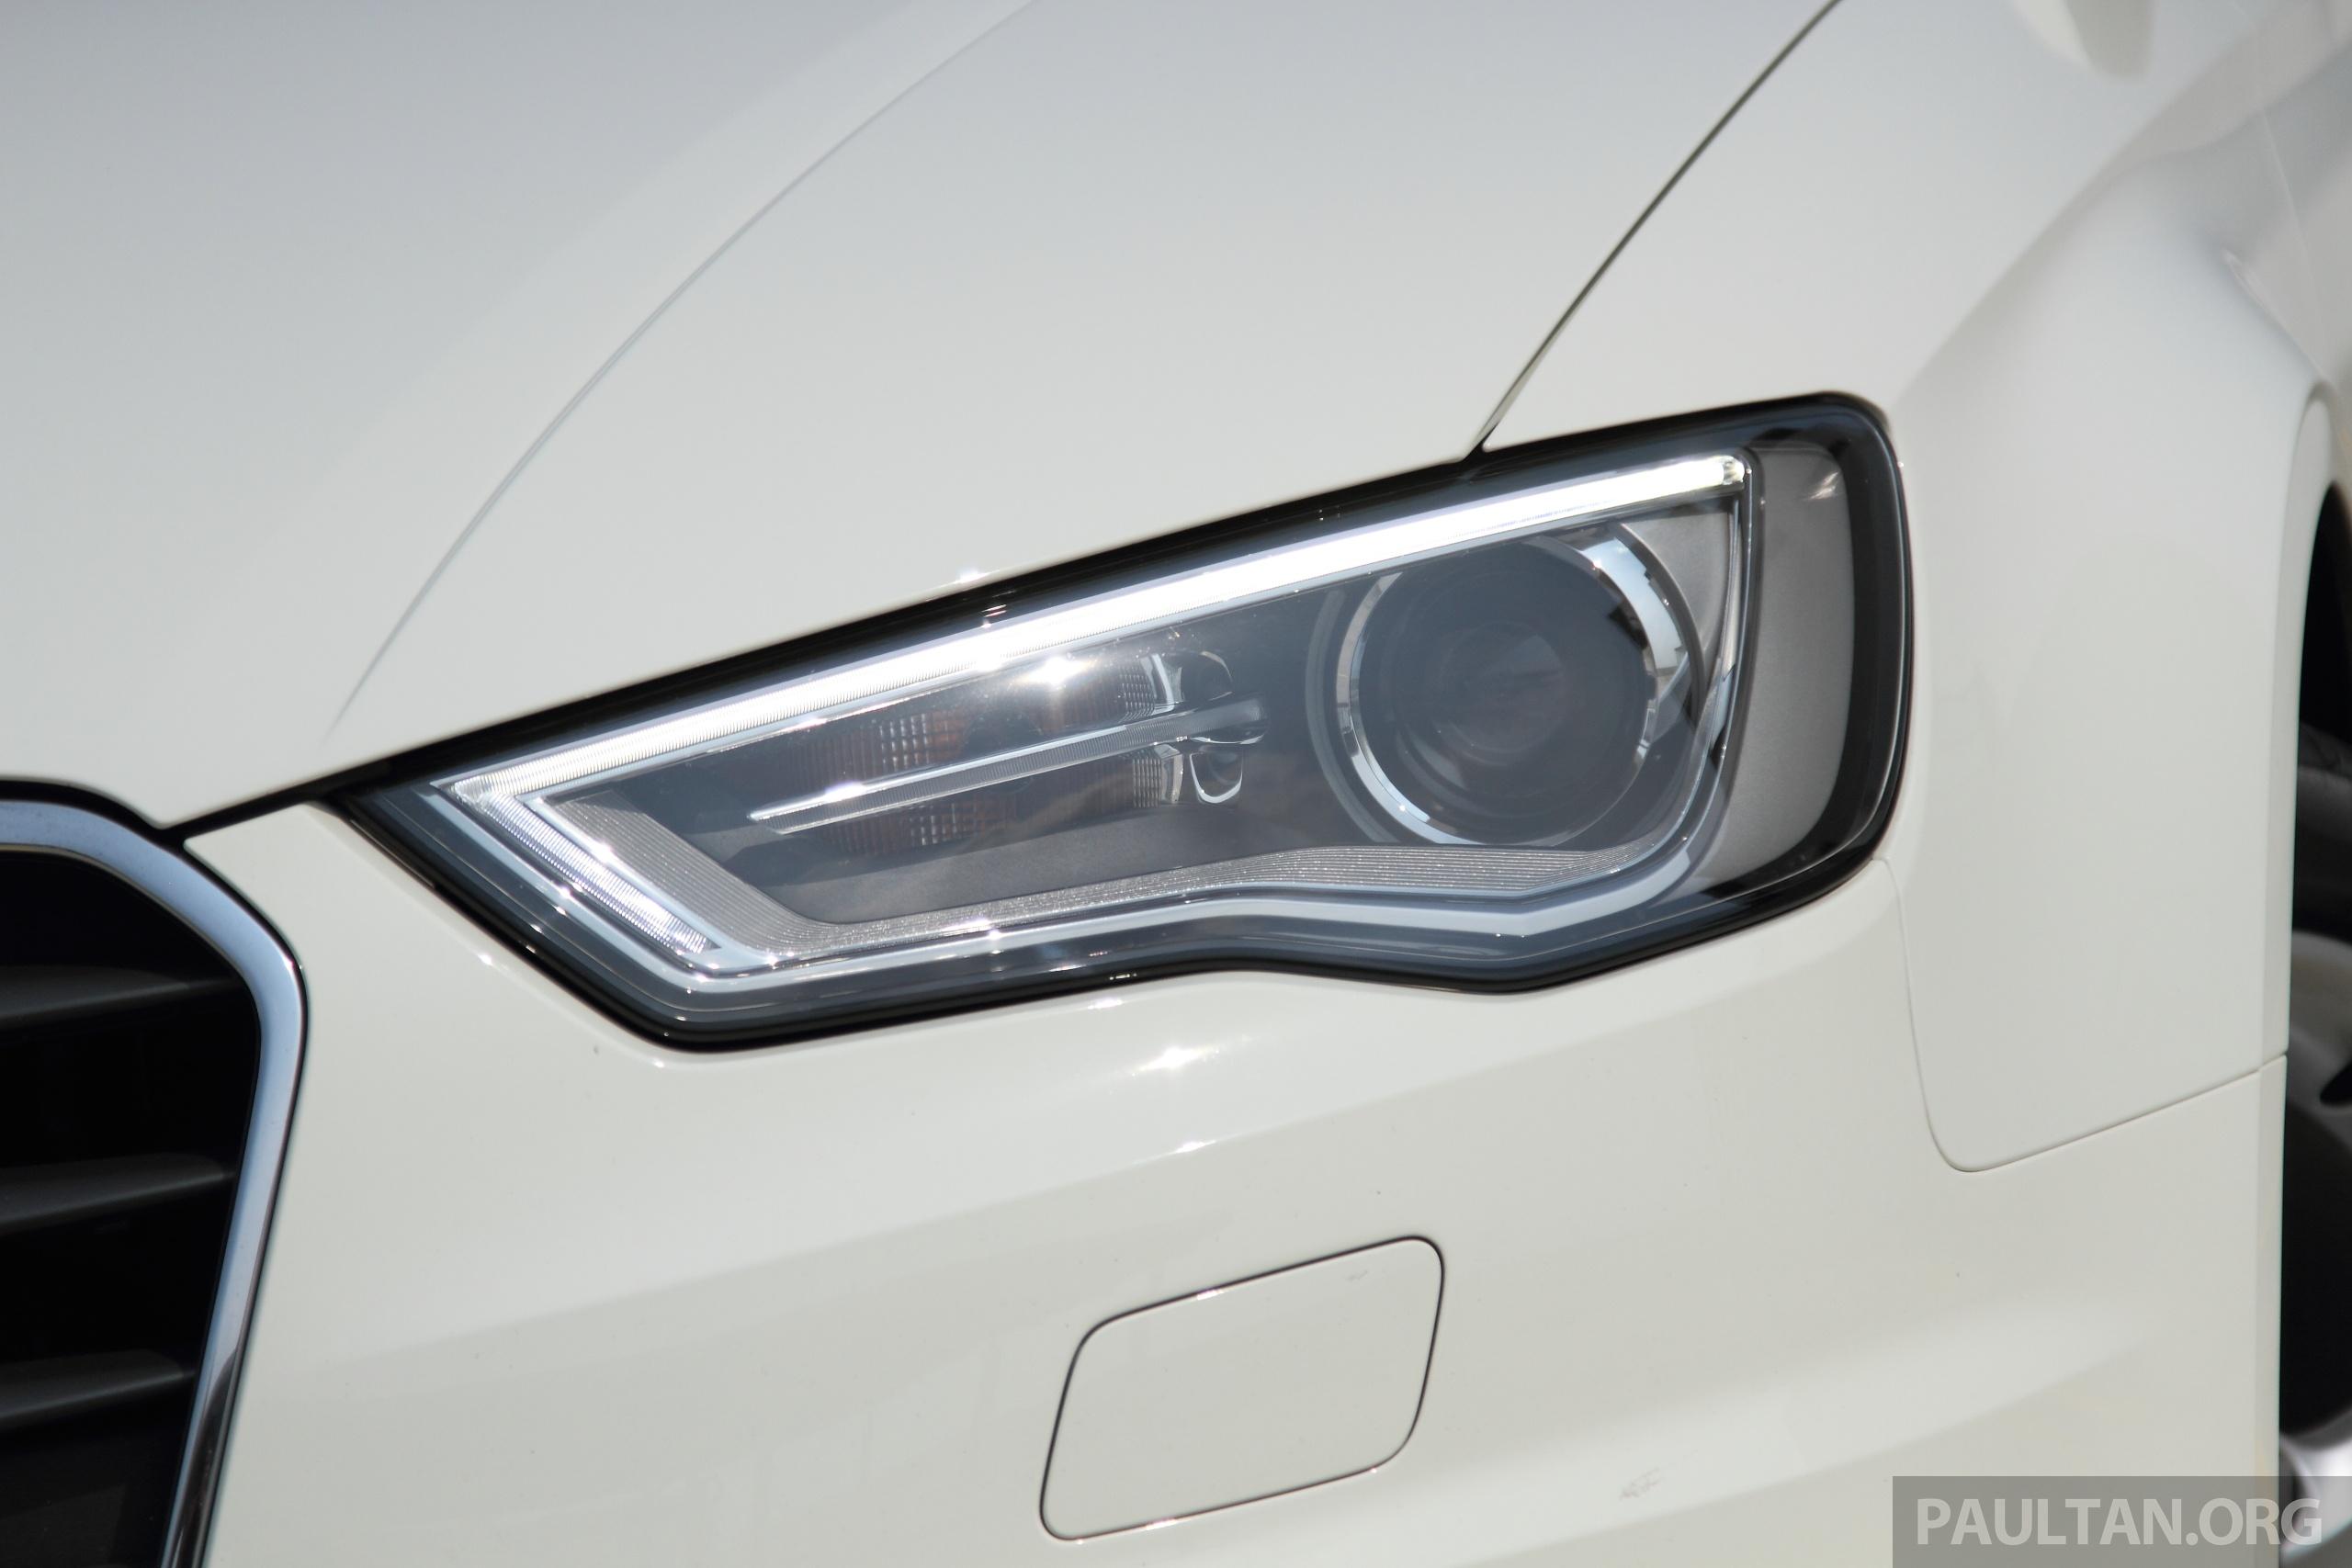 Audi A3 Sedan Now On Sale 2 Variants From Rm180k Paul